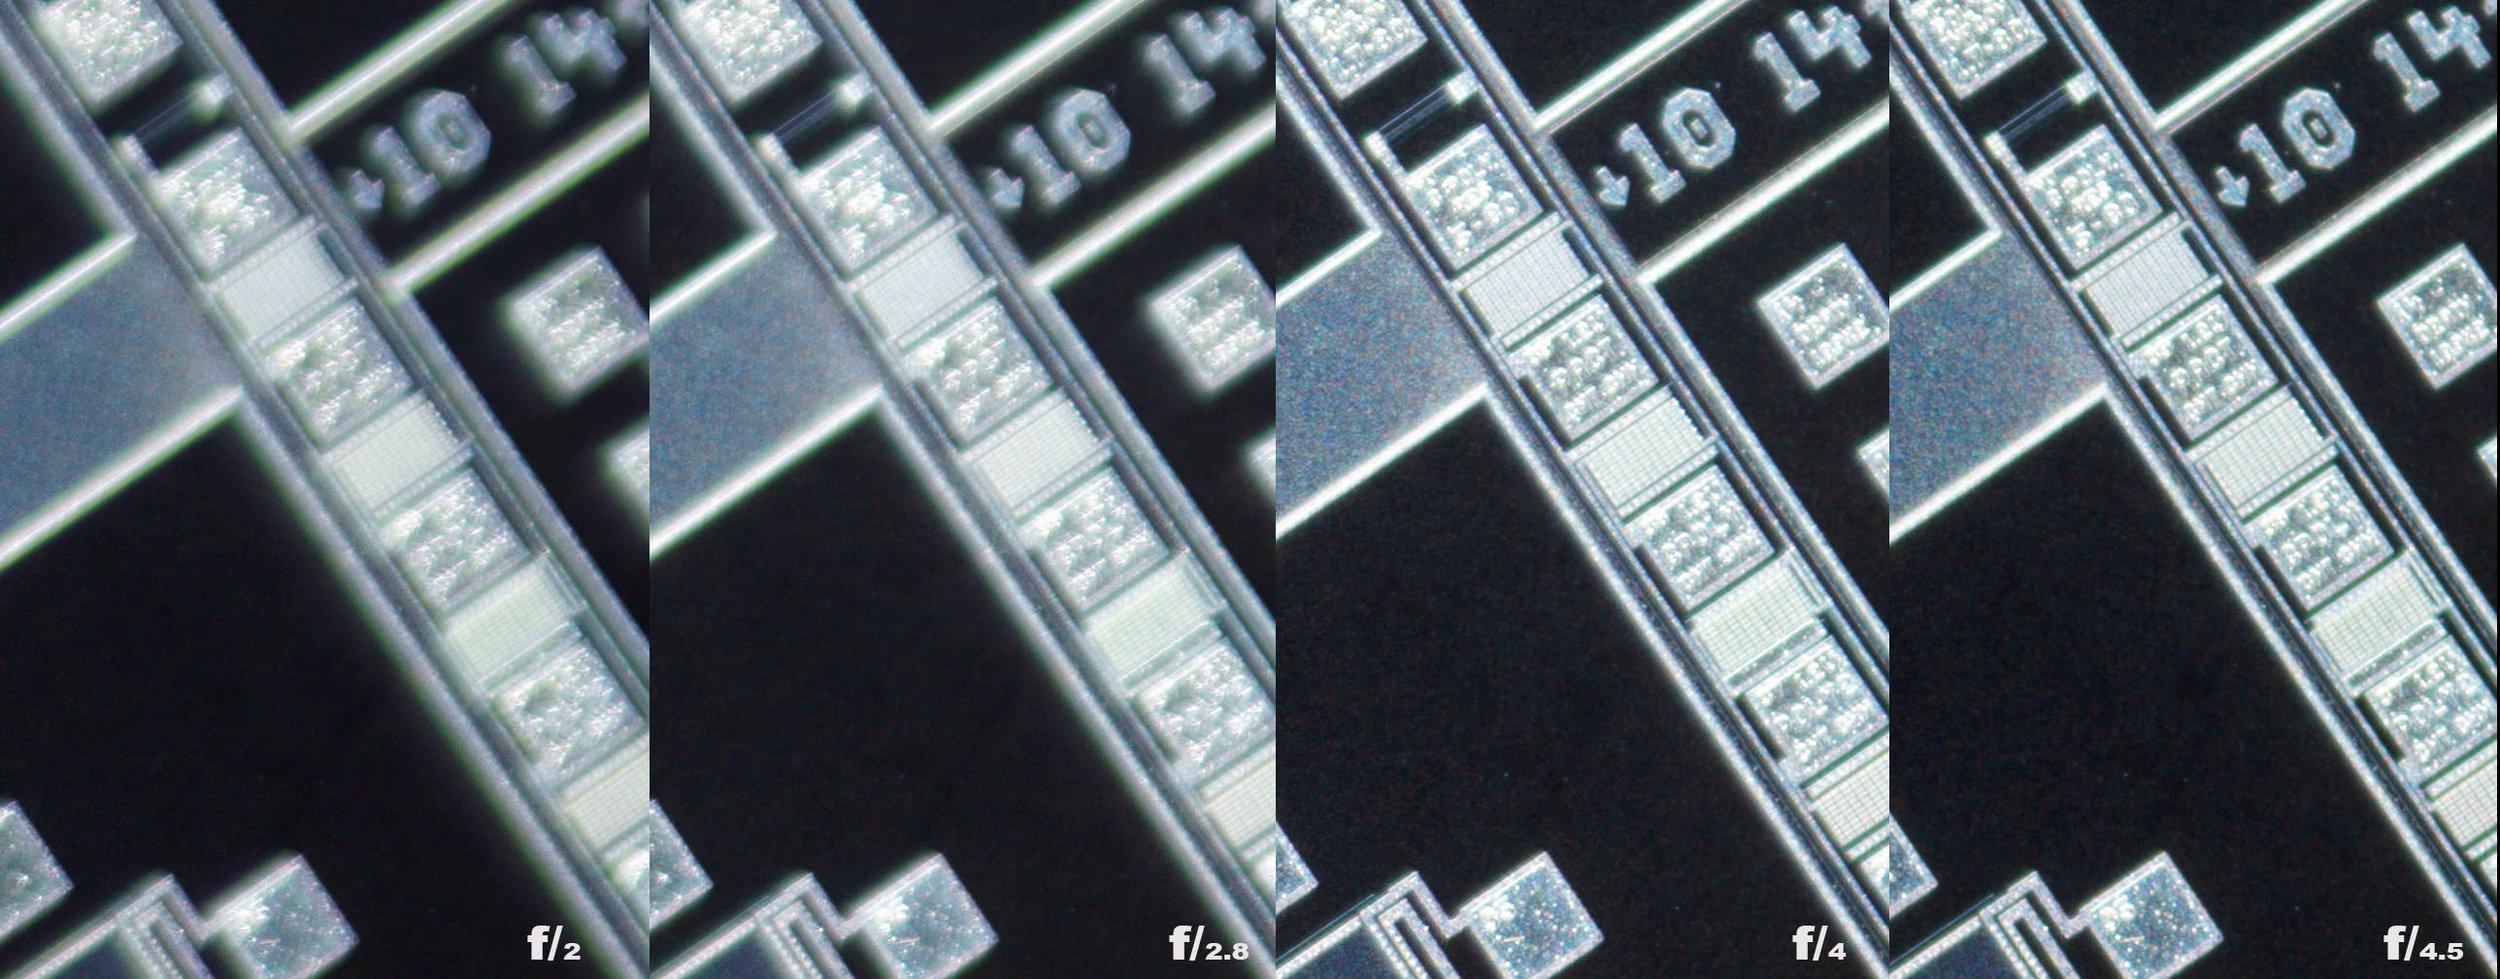 Schneider Kreuznach 28mm f/2 Xenon 100% corner crops from f/2 to f/4.5